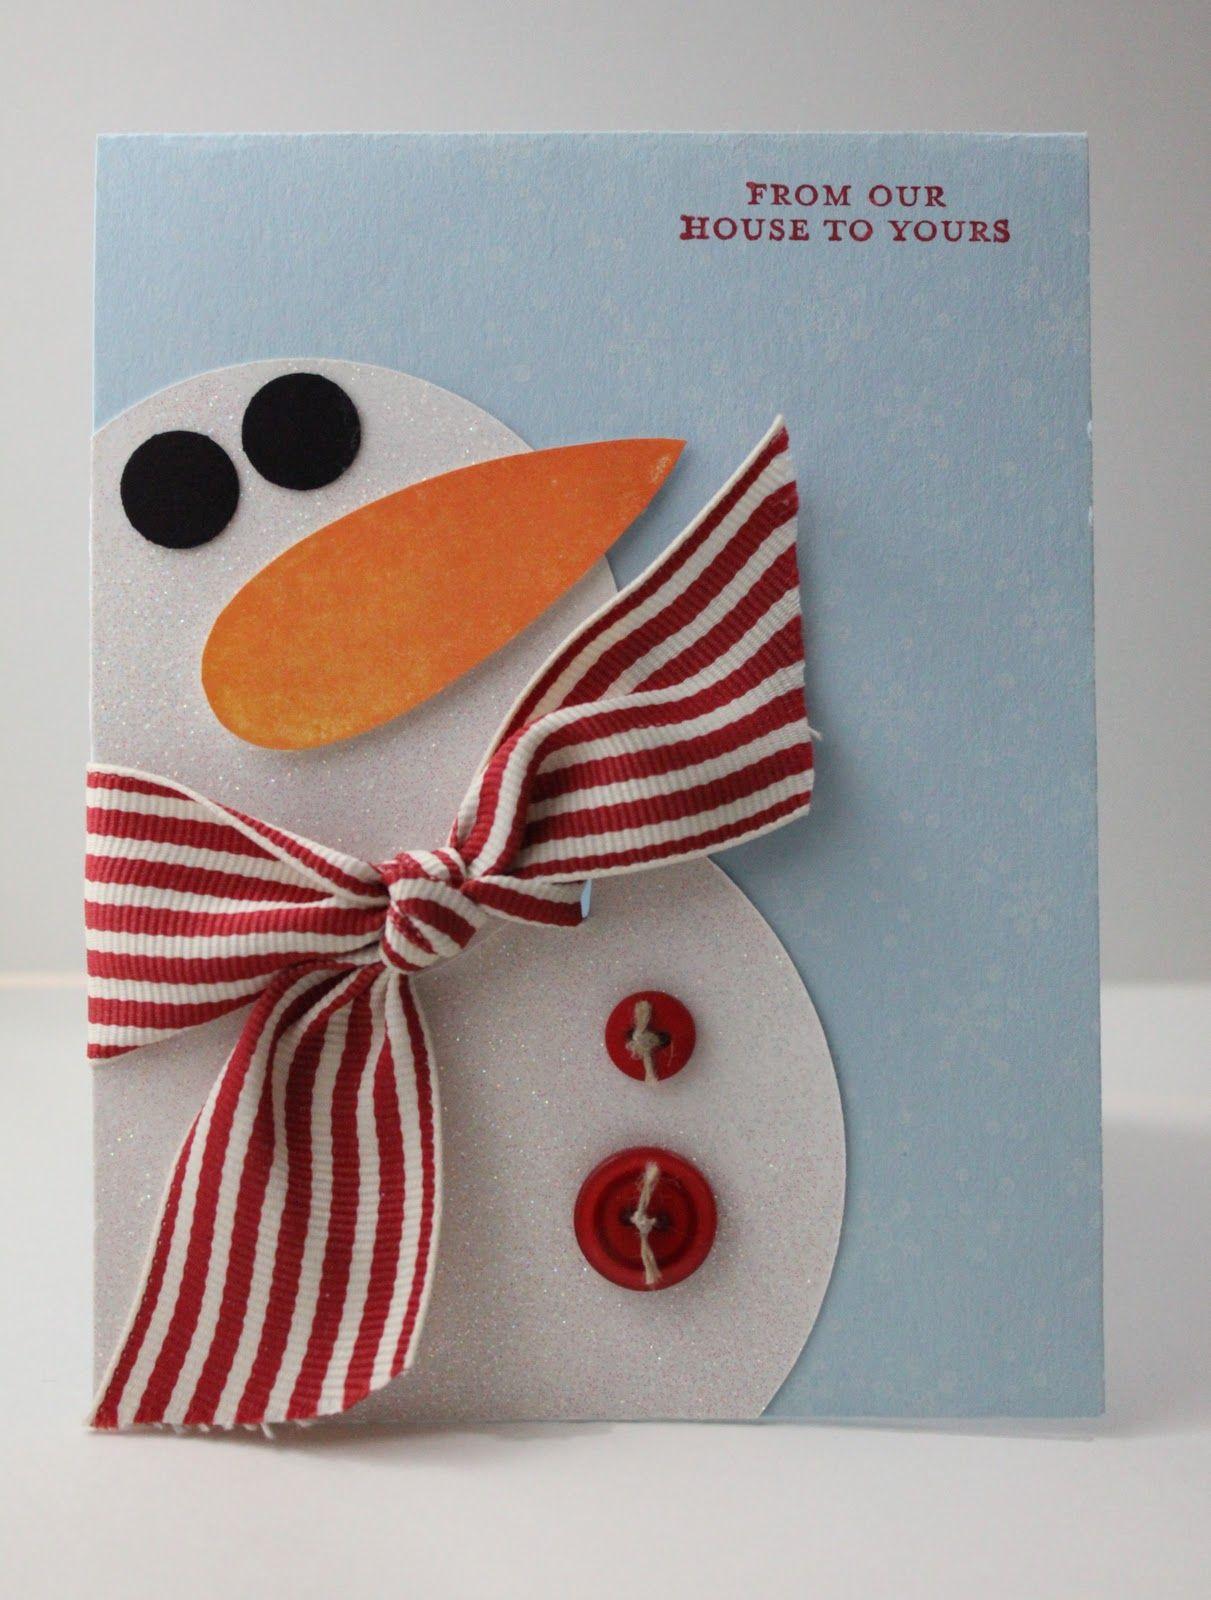 Snowman Christmas Cards Diy.Snowman Card Cards Christmas Pinterest Snowman Cards